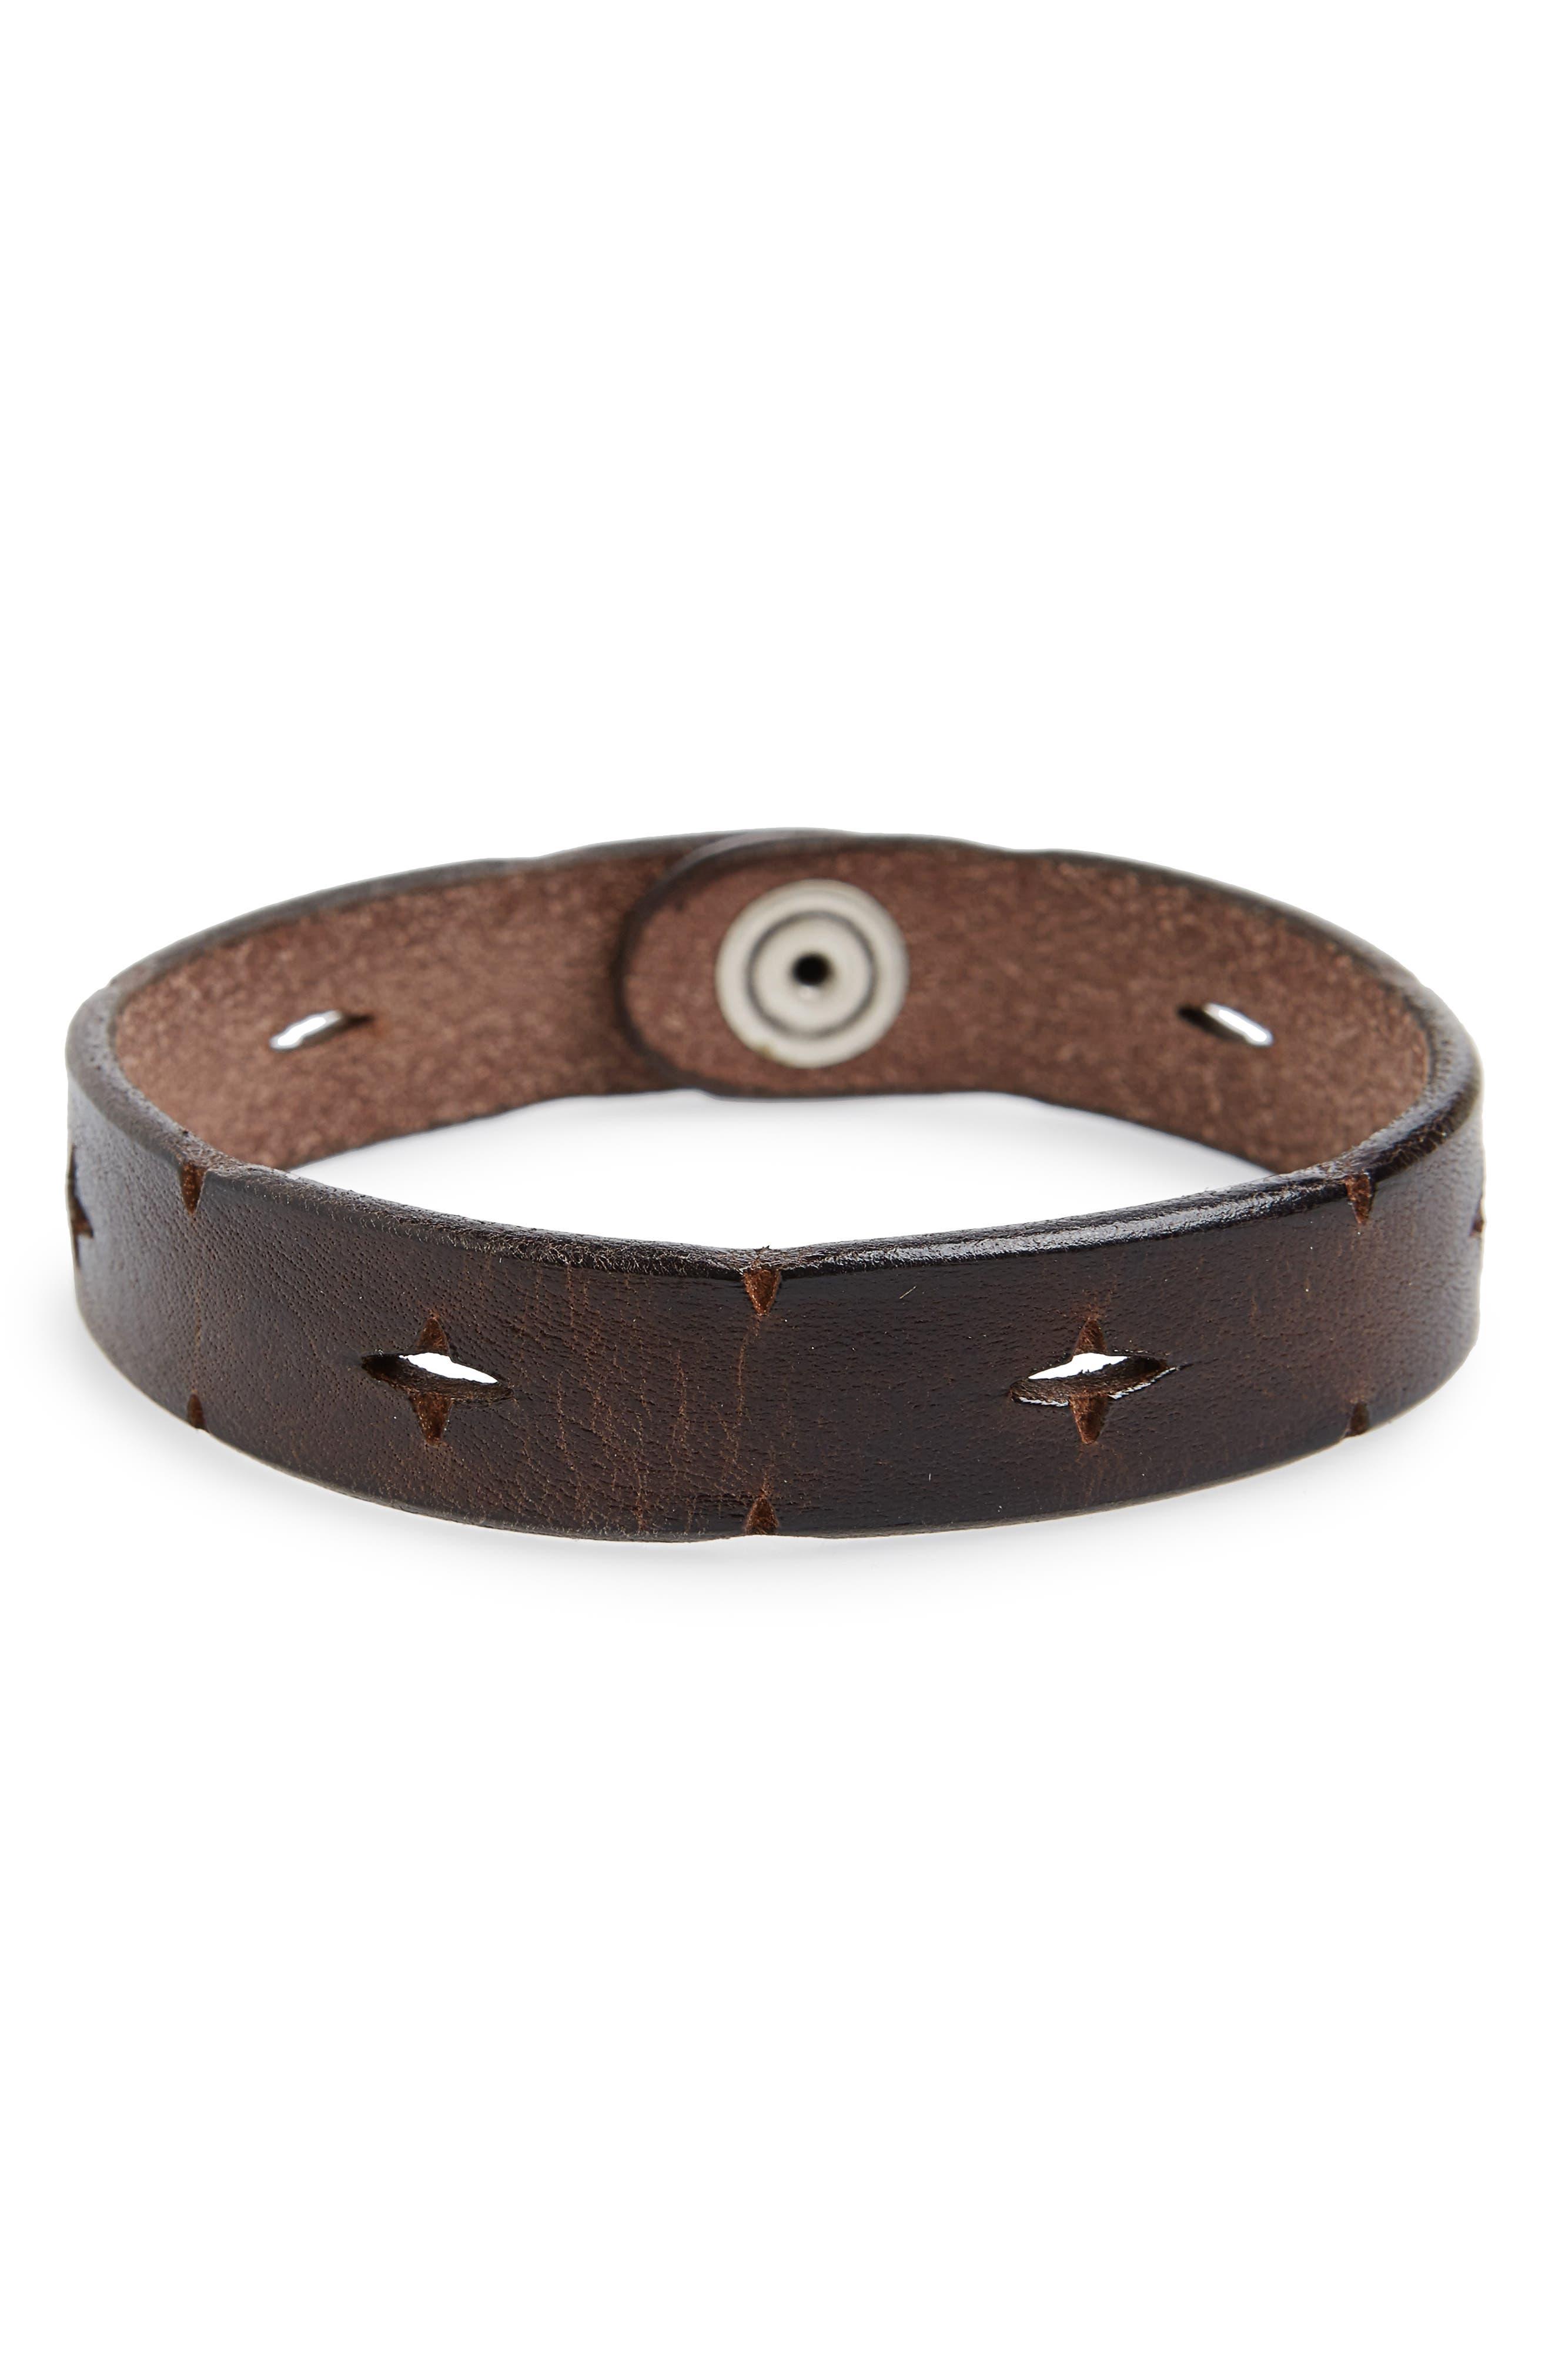 Wax Leather Bracelet,                             Main thumbnail 1, color,                             200